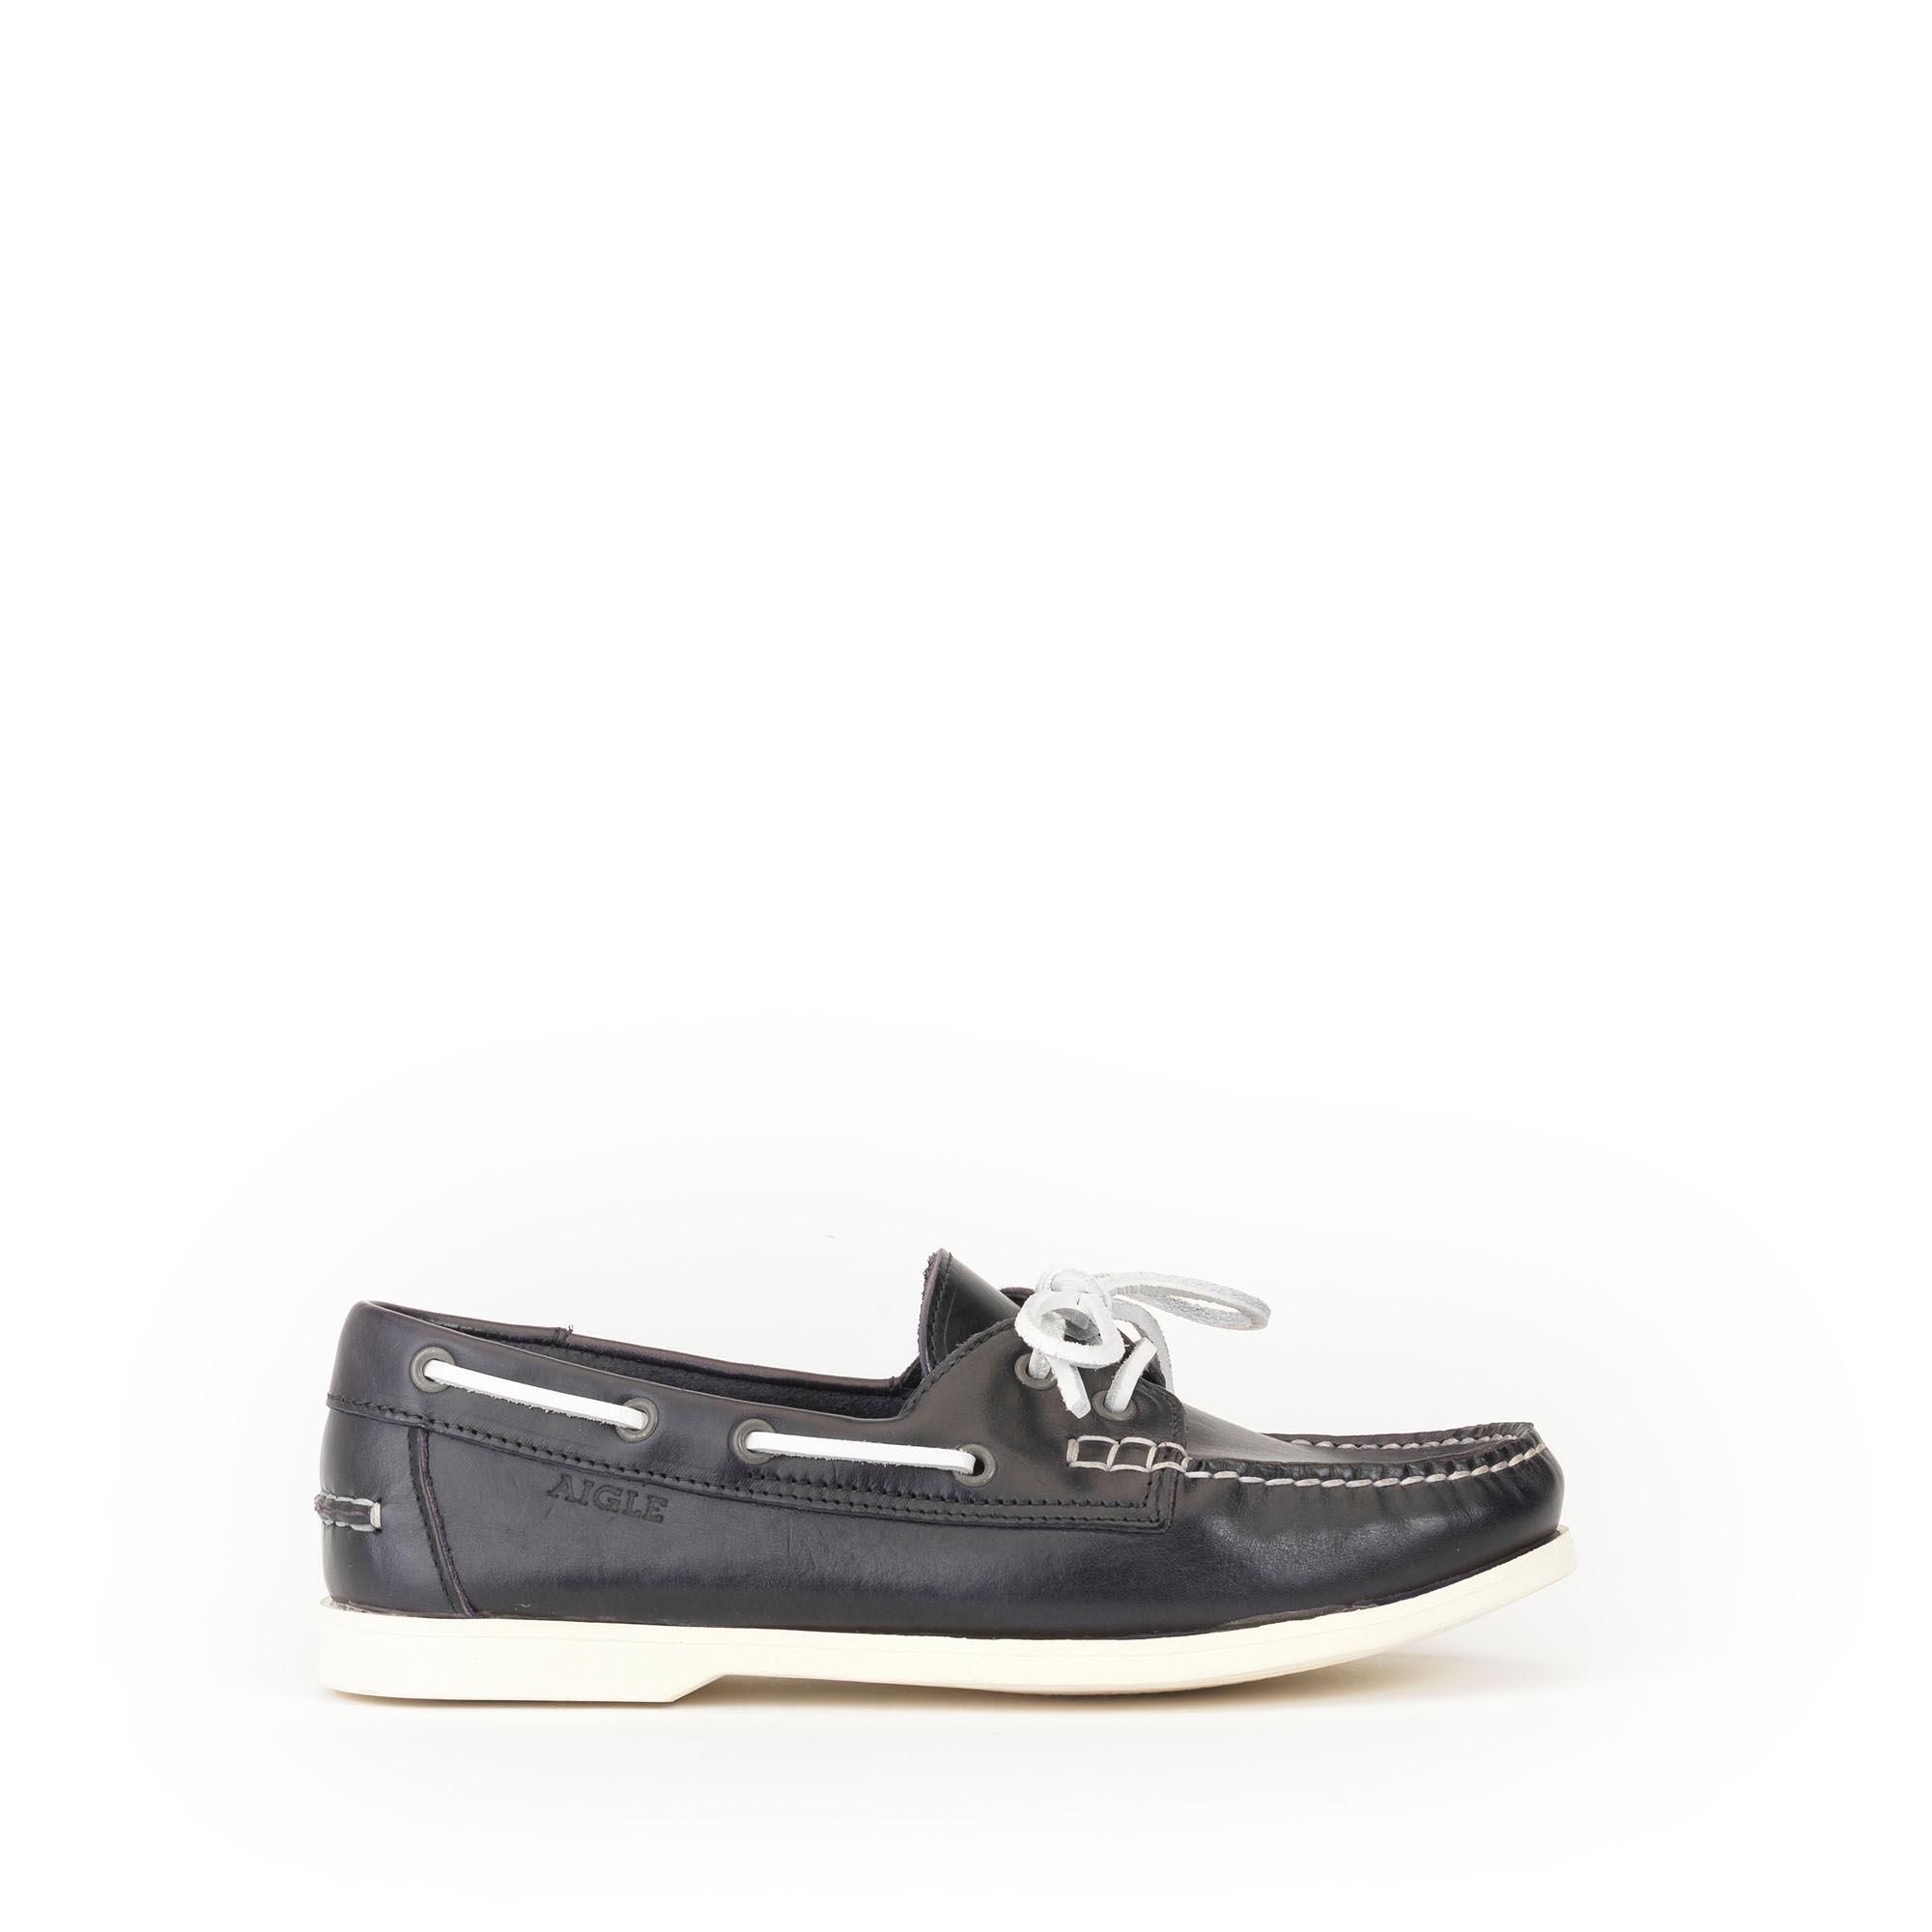 Chaussures bateau cuir homme ...